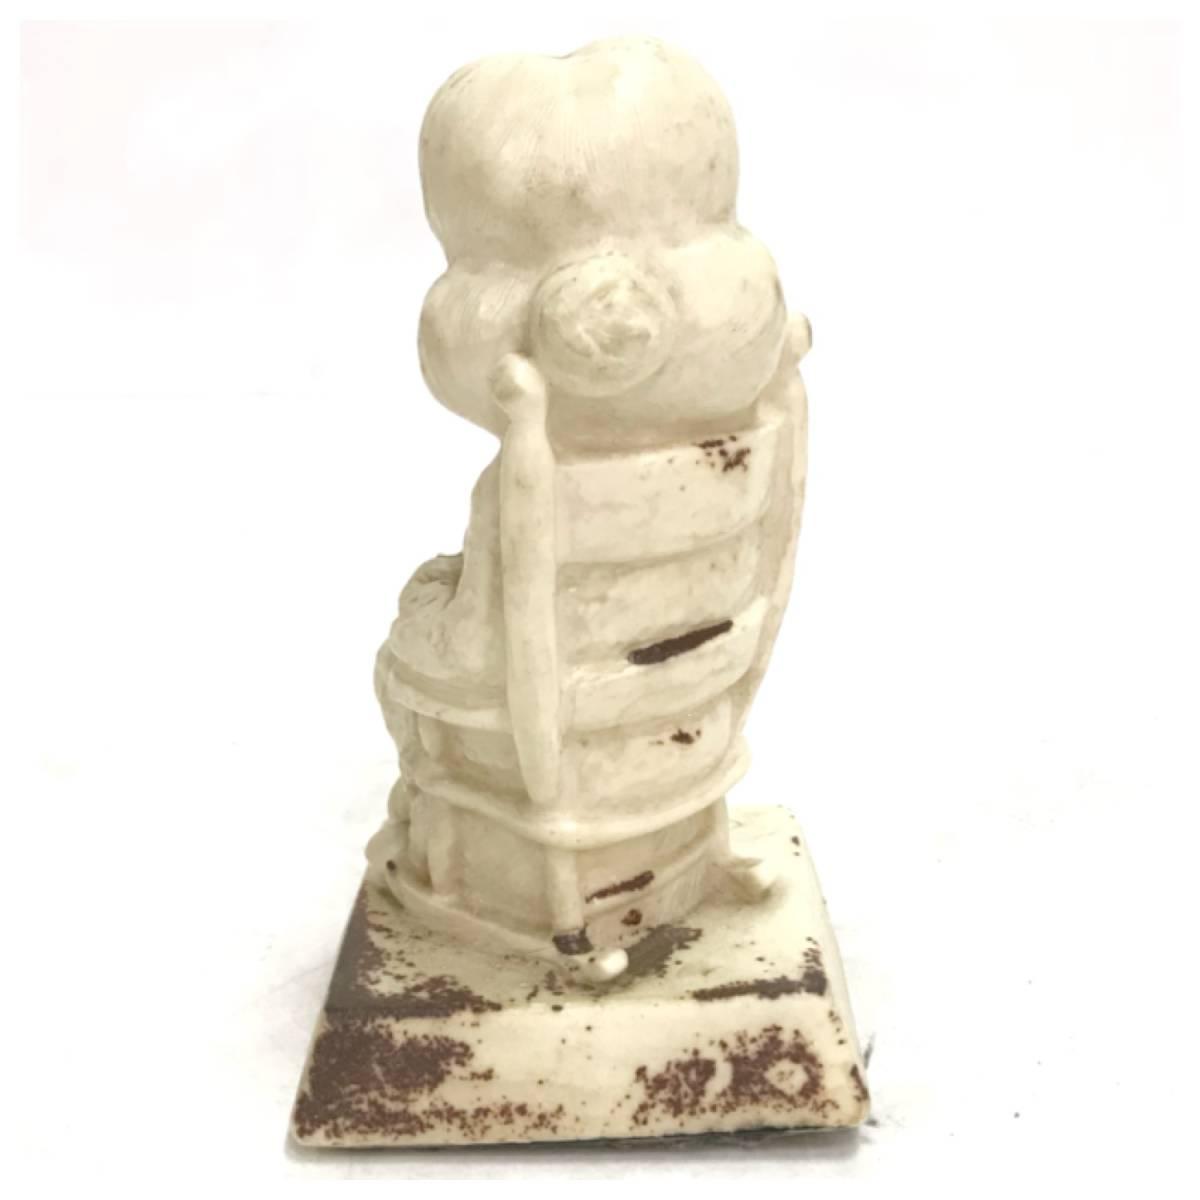 メッセージドール WORLD'S GRATEST GRANDMA シリースカルプス インテリア 小物 雑貨 置物 レトロ オールド ビンテージ アンティーク D-1385_画像2